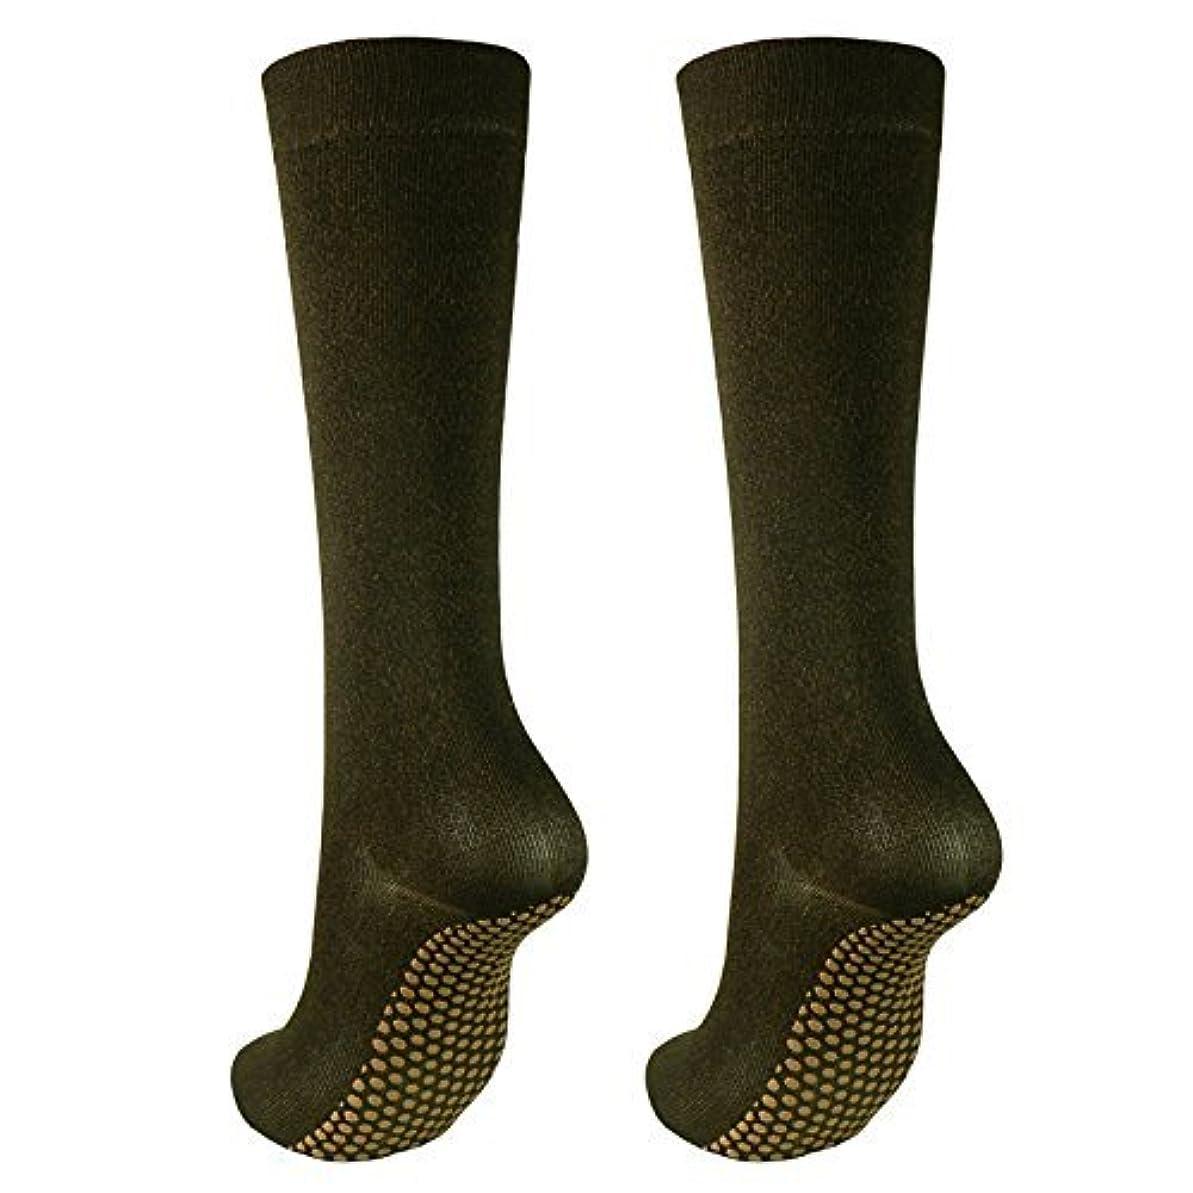 球体の間で虎銅繊維靴下「足もとはいつも青春」ハイソックスタイプ2足セット?静電気対策にも